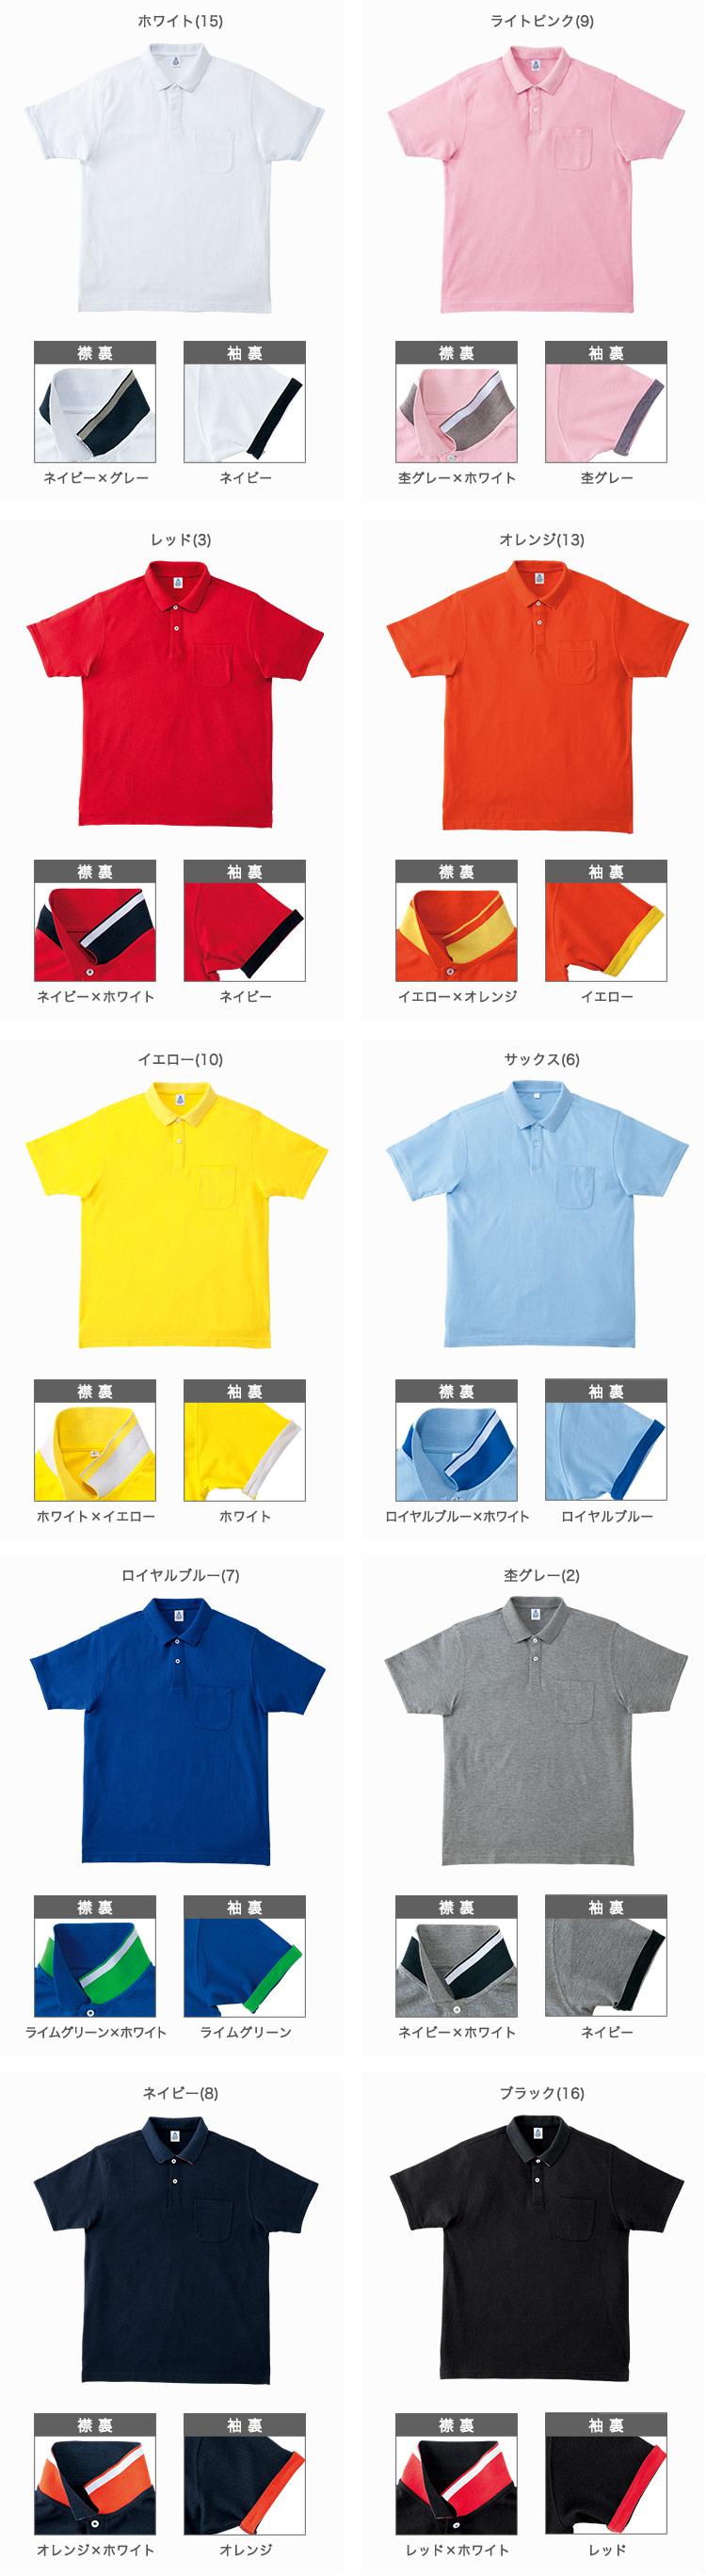 色が選べる豊富なカラー展開のポケット付きポロシャツ(34-MS3116)